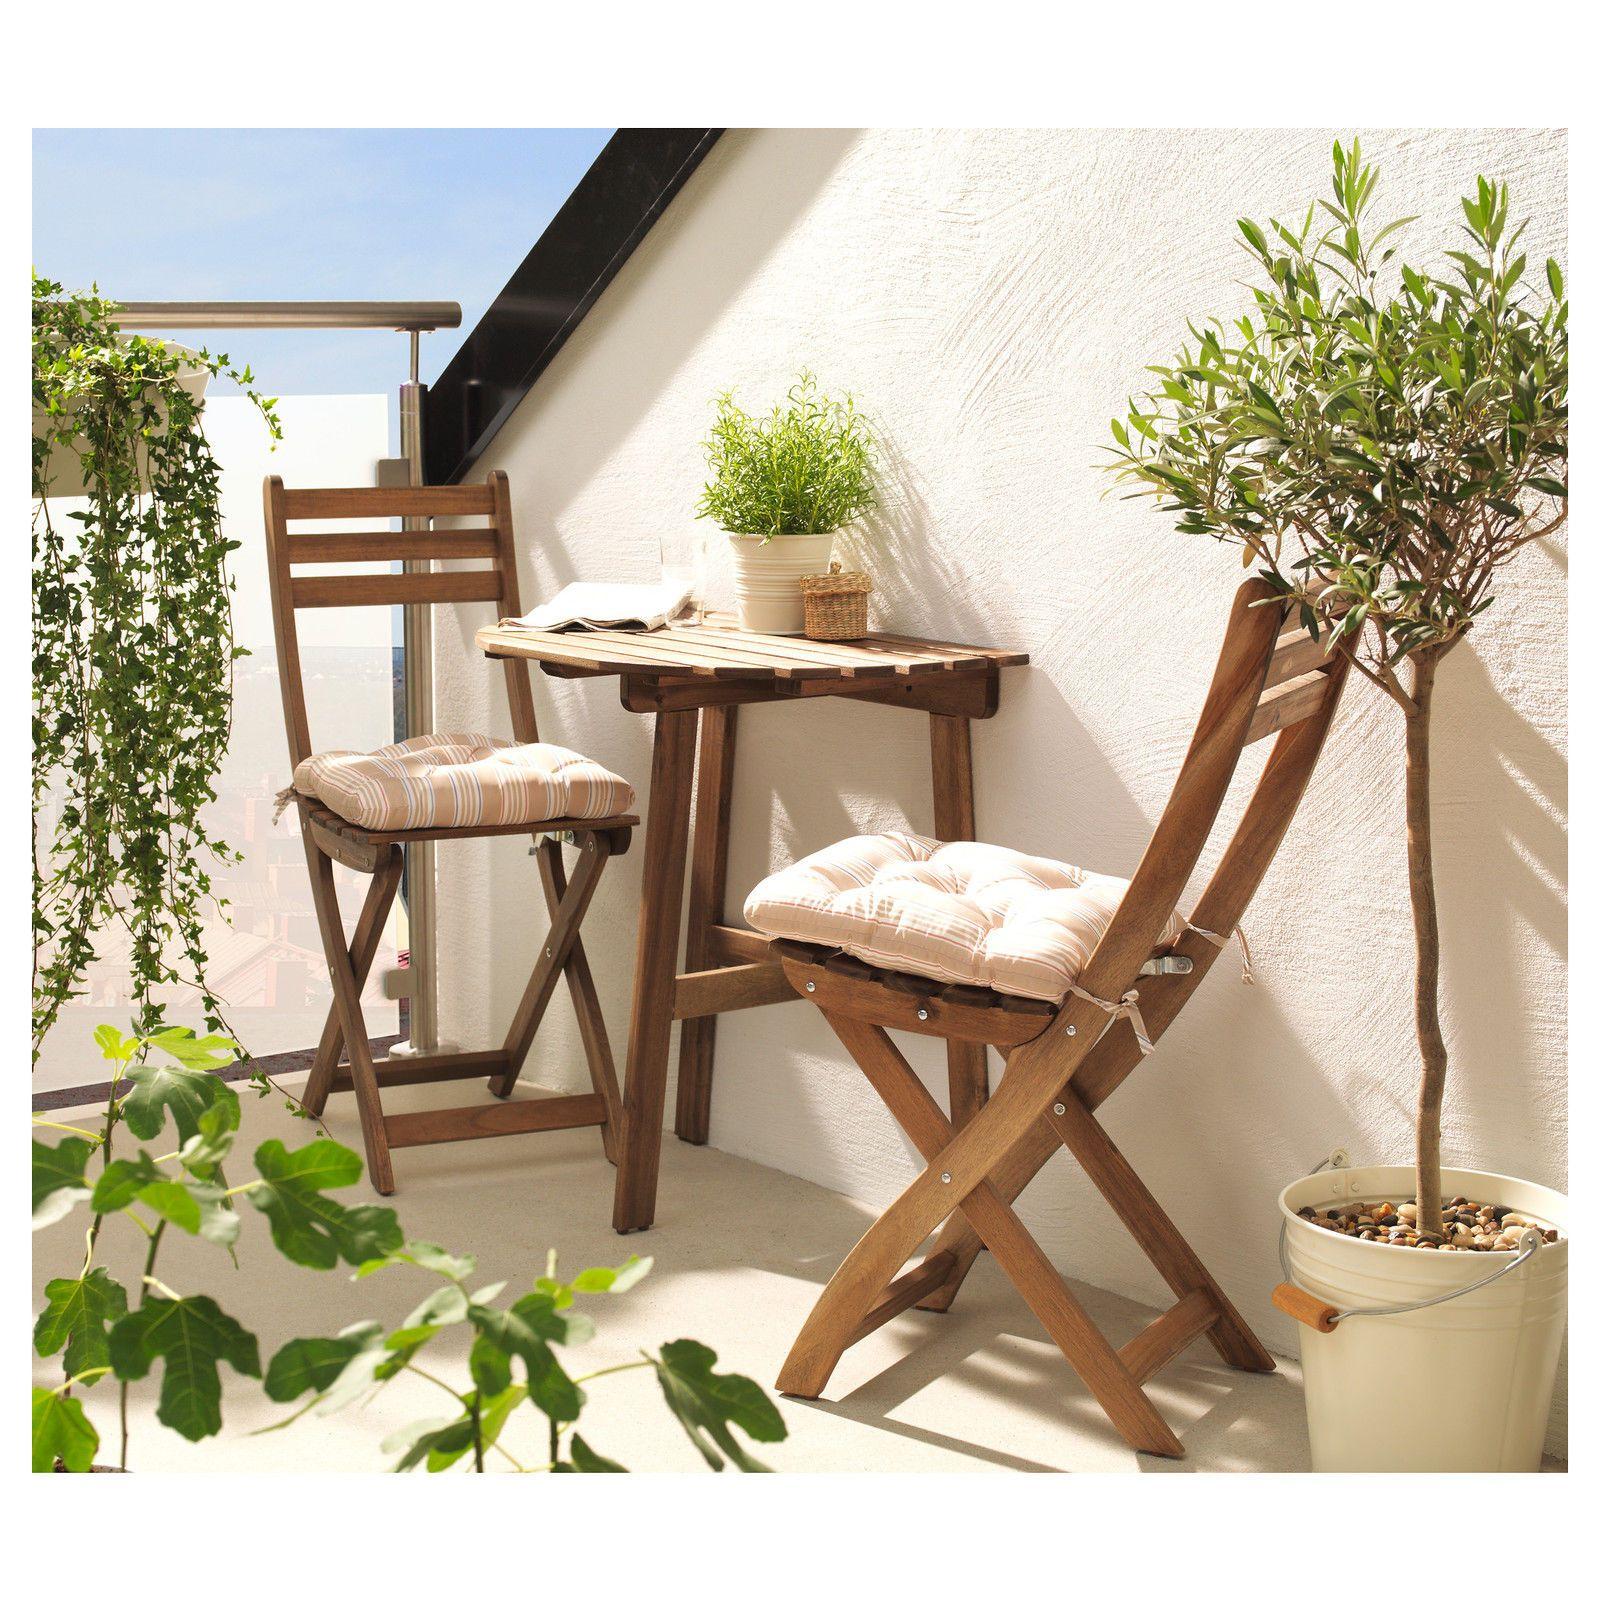 Ikea Askholmen Garden Patio Outdoor Balcony Table 502.586.67 NEW | EBay